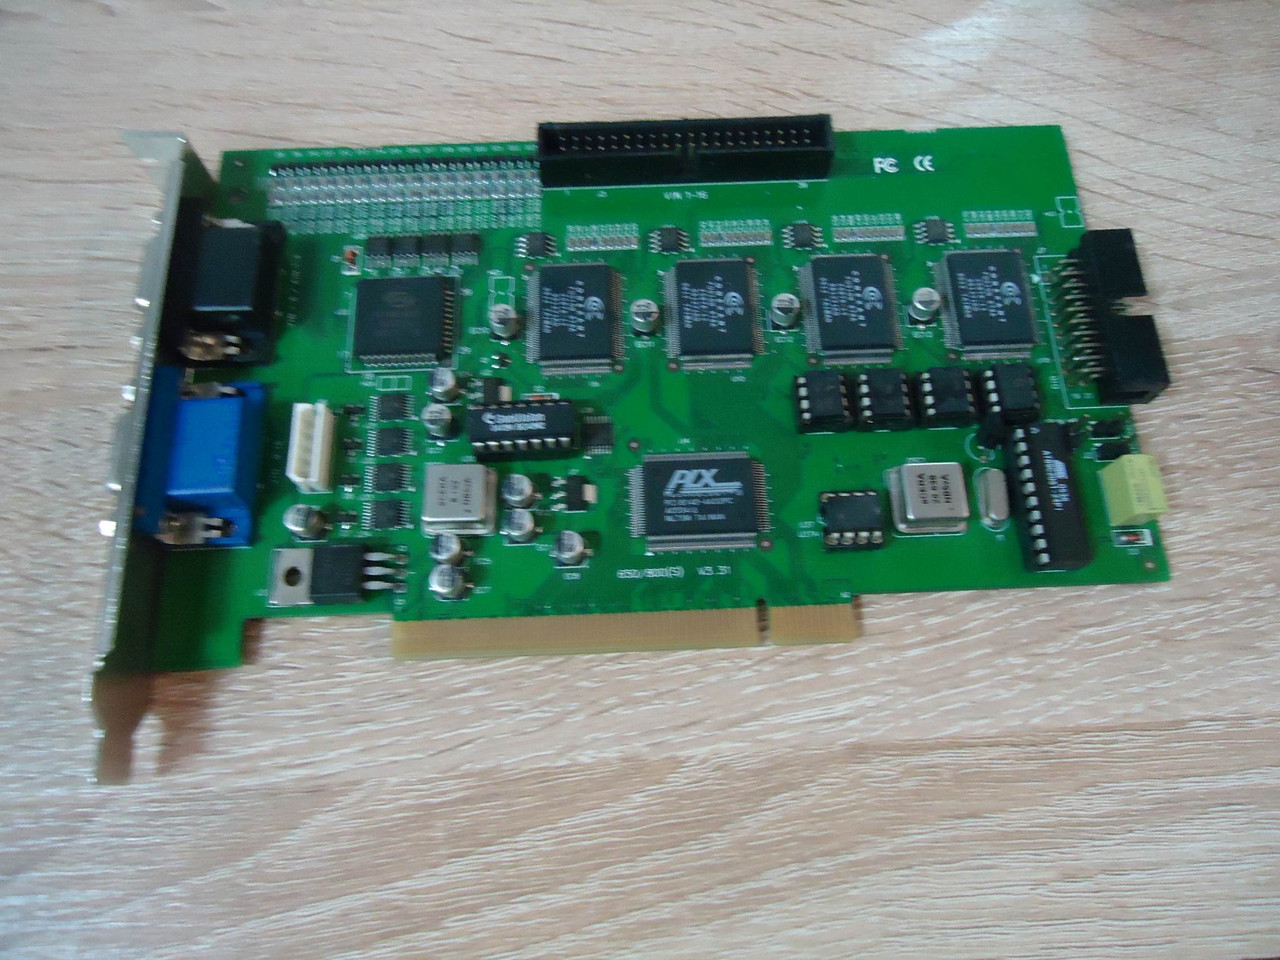 Видеорегистратор GeoVision GV-650-800(S) V3.31 (PLX PCI6140)